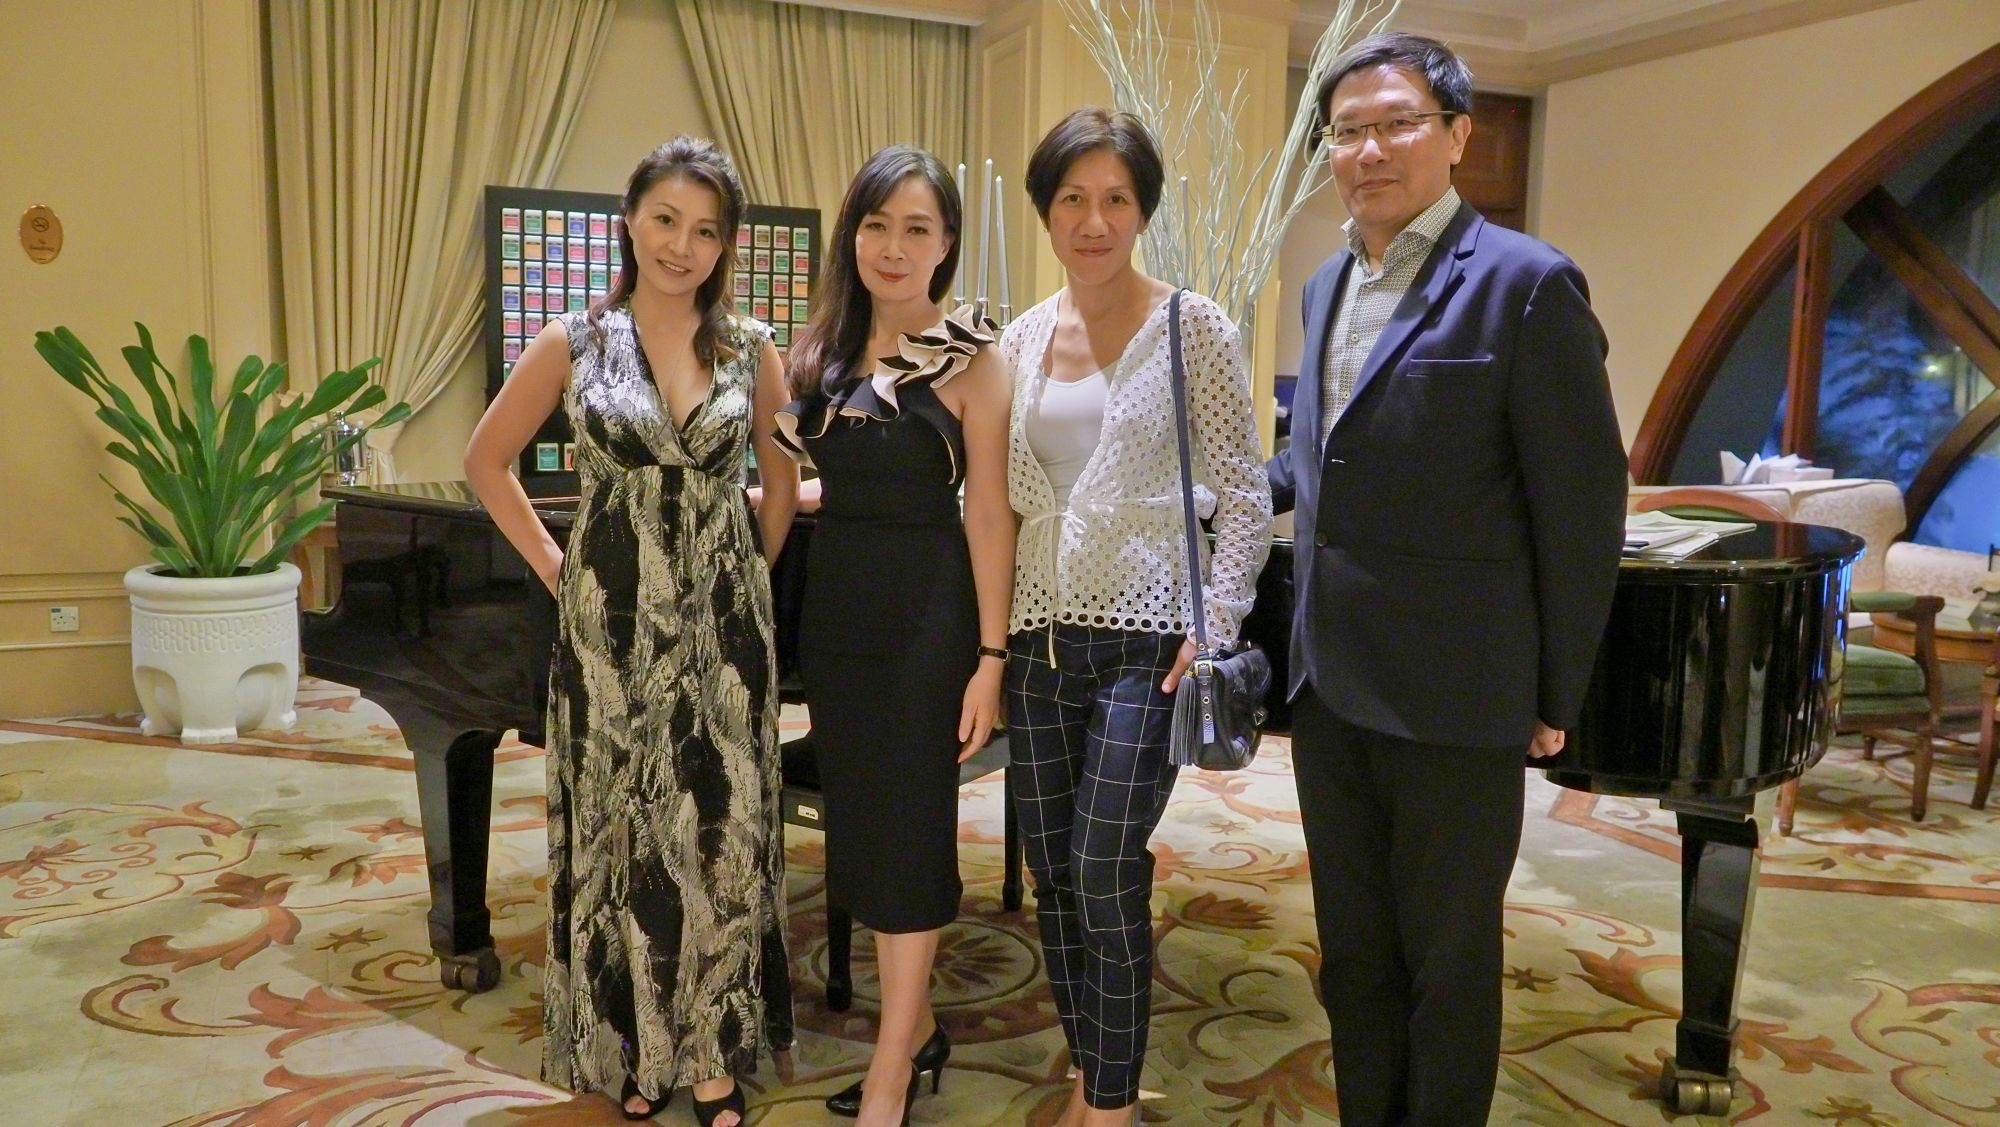 Hana Ohata, Irene SM Lee, Bridget Chen, CJ Kho